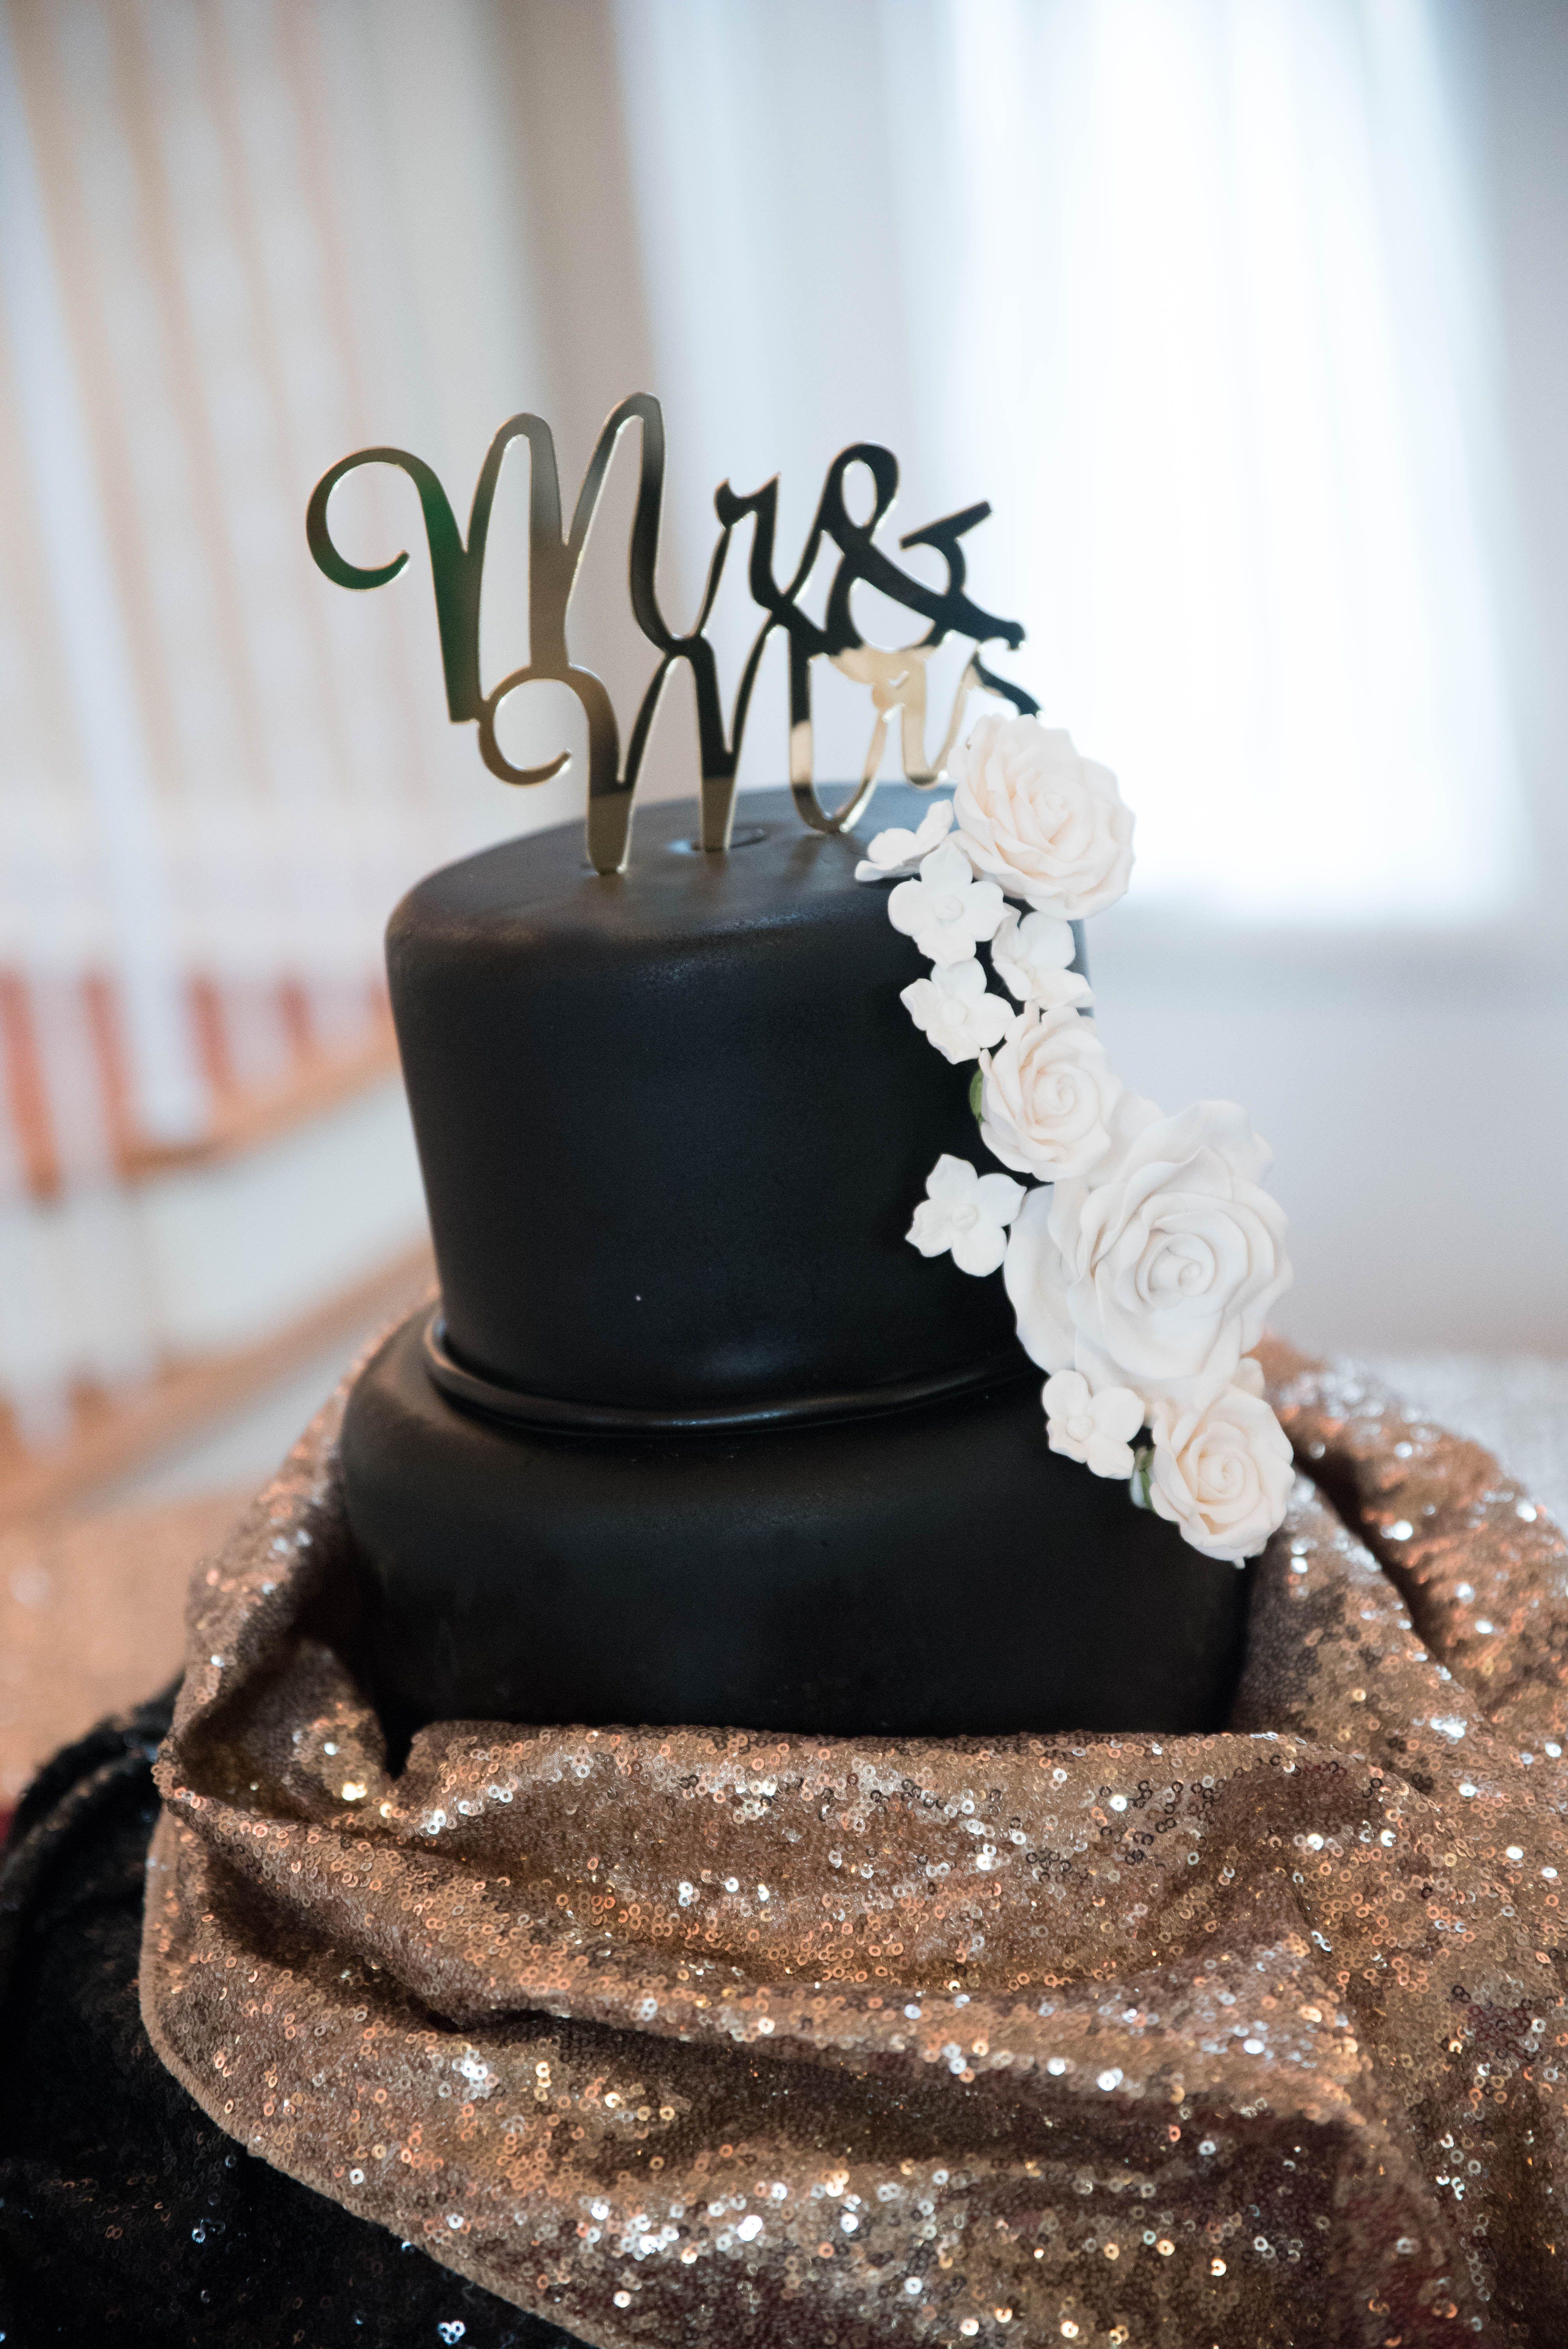 Black Tie Wedding With A Black Wedding Cake? Something Unexpected But Still  Elegant. LeShayne